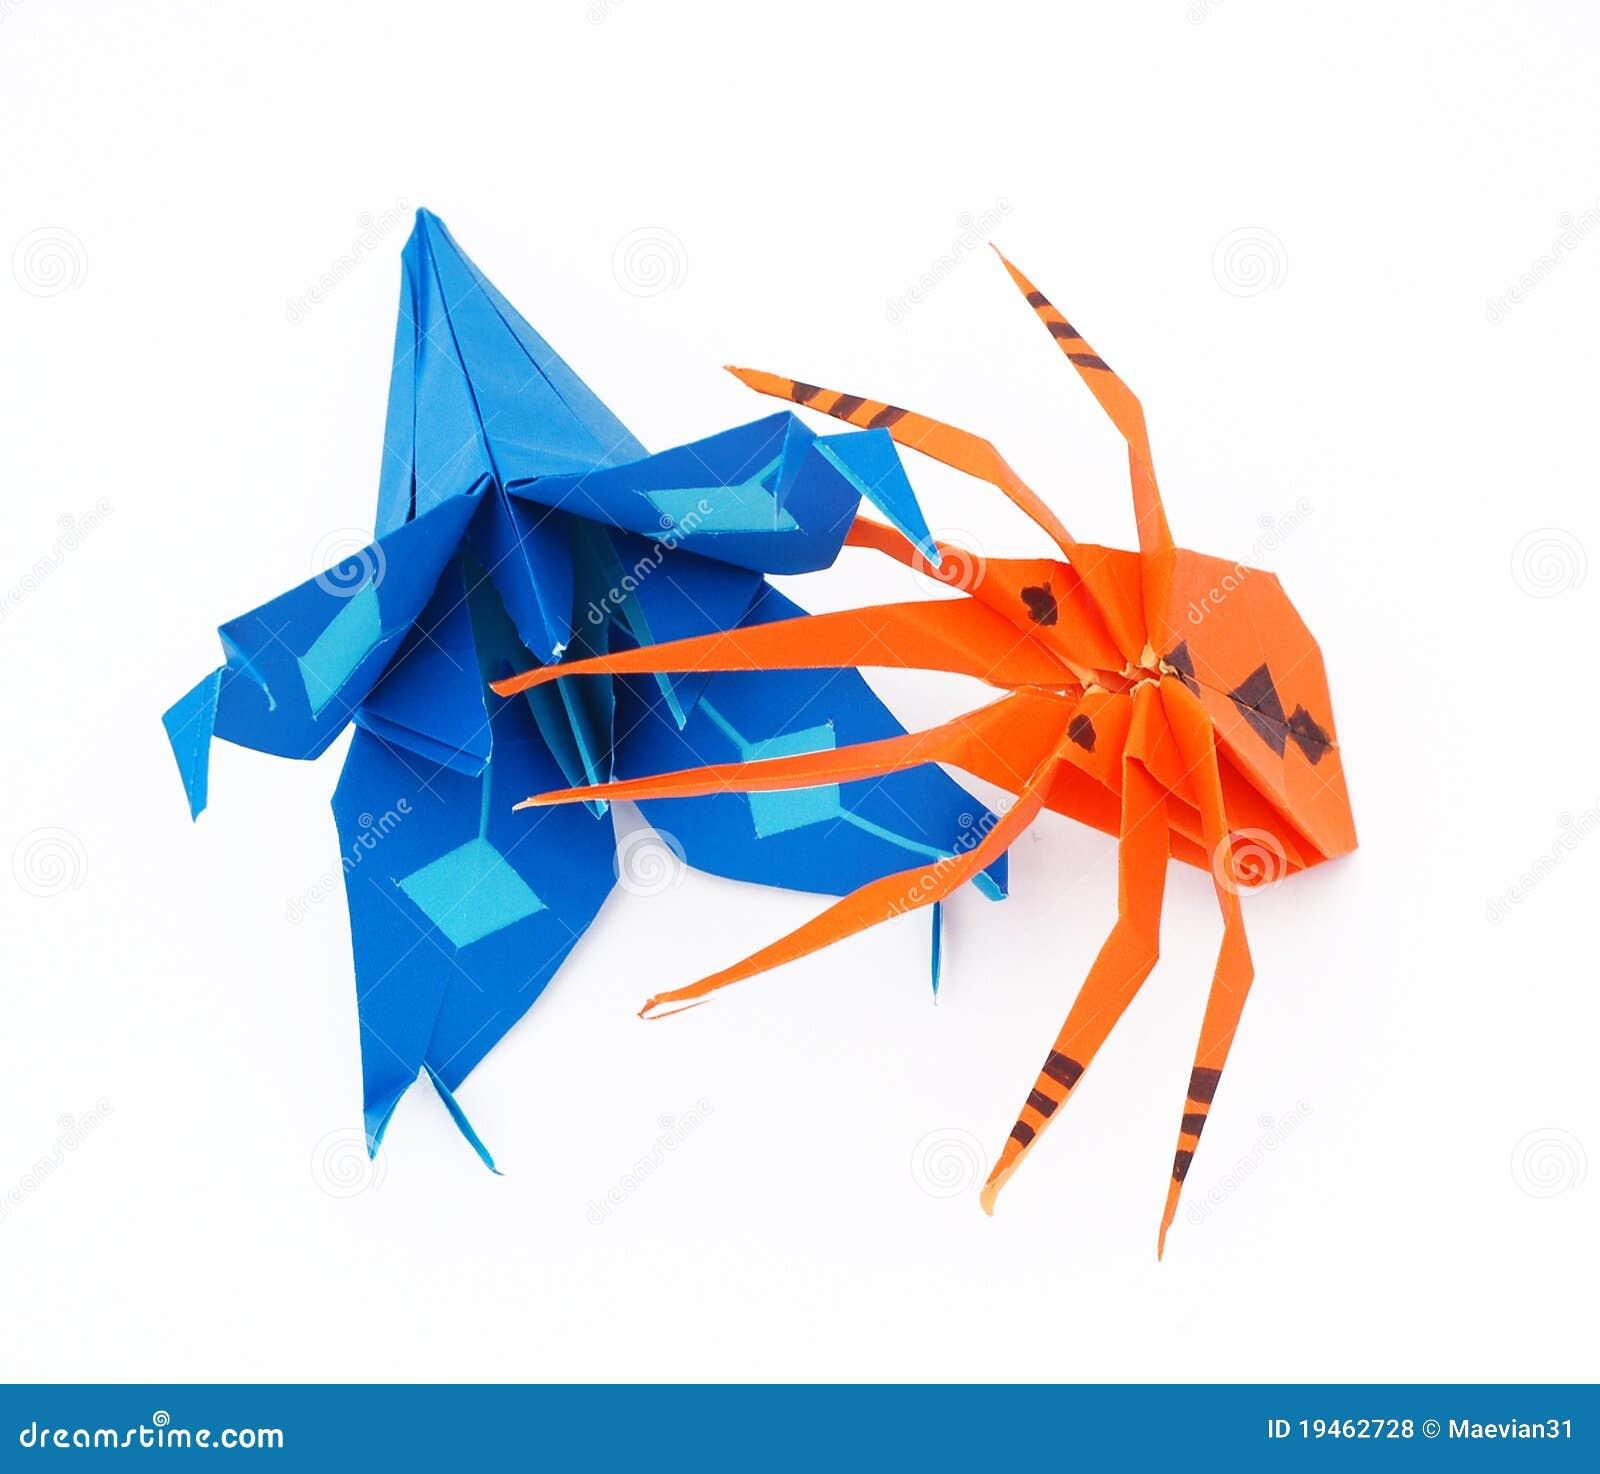 araignée d'origami et lis bleu photo stock - image du orange, jouet